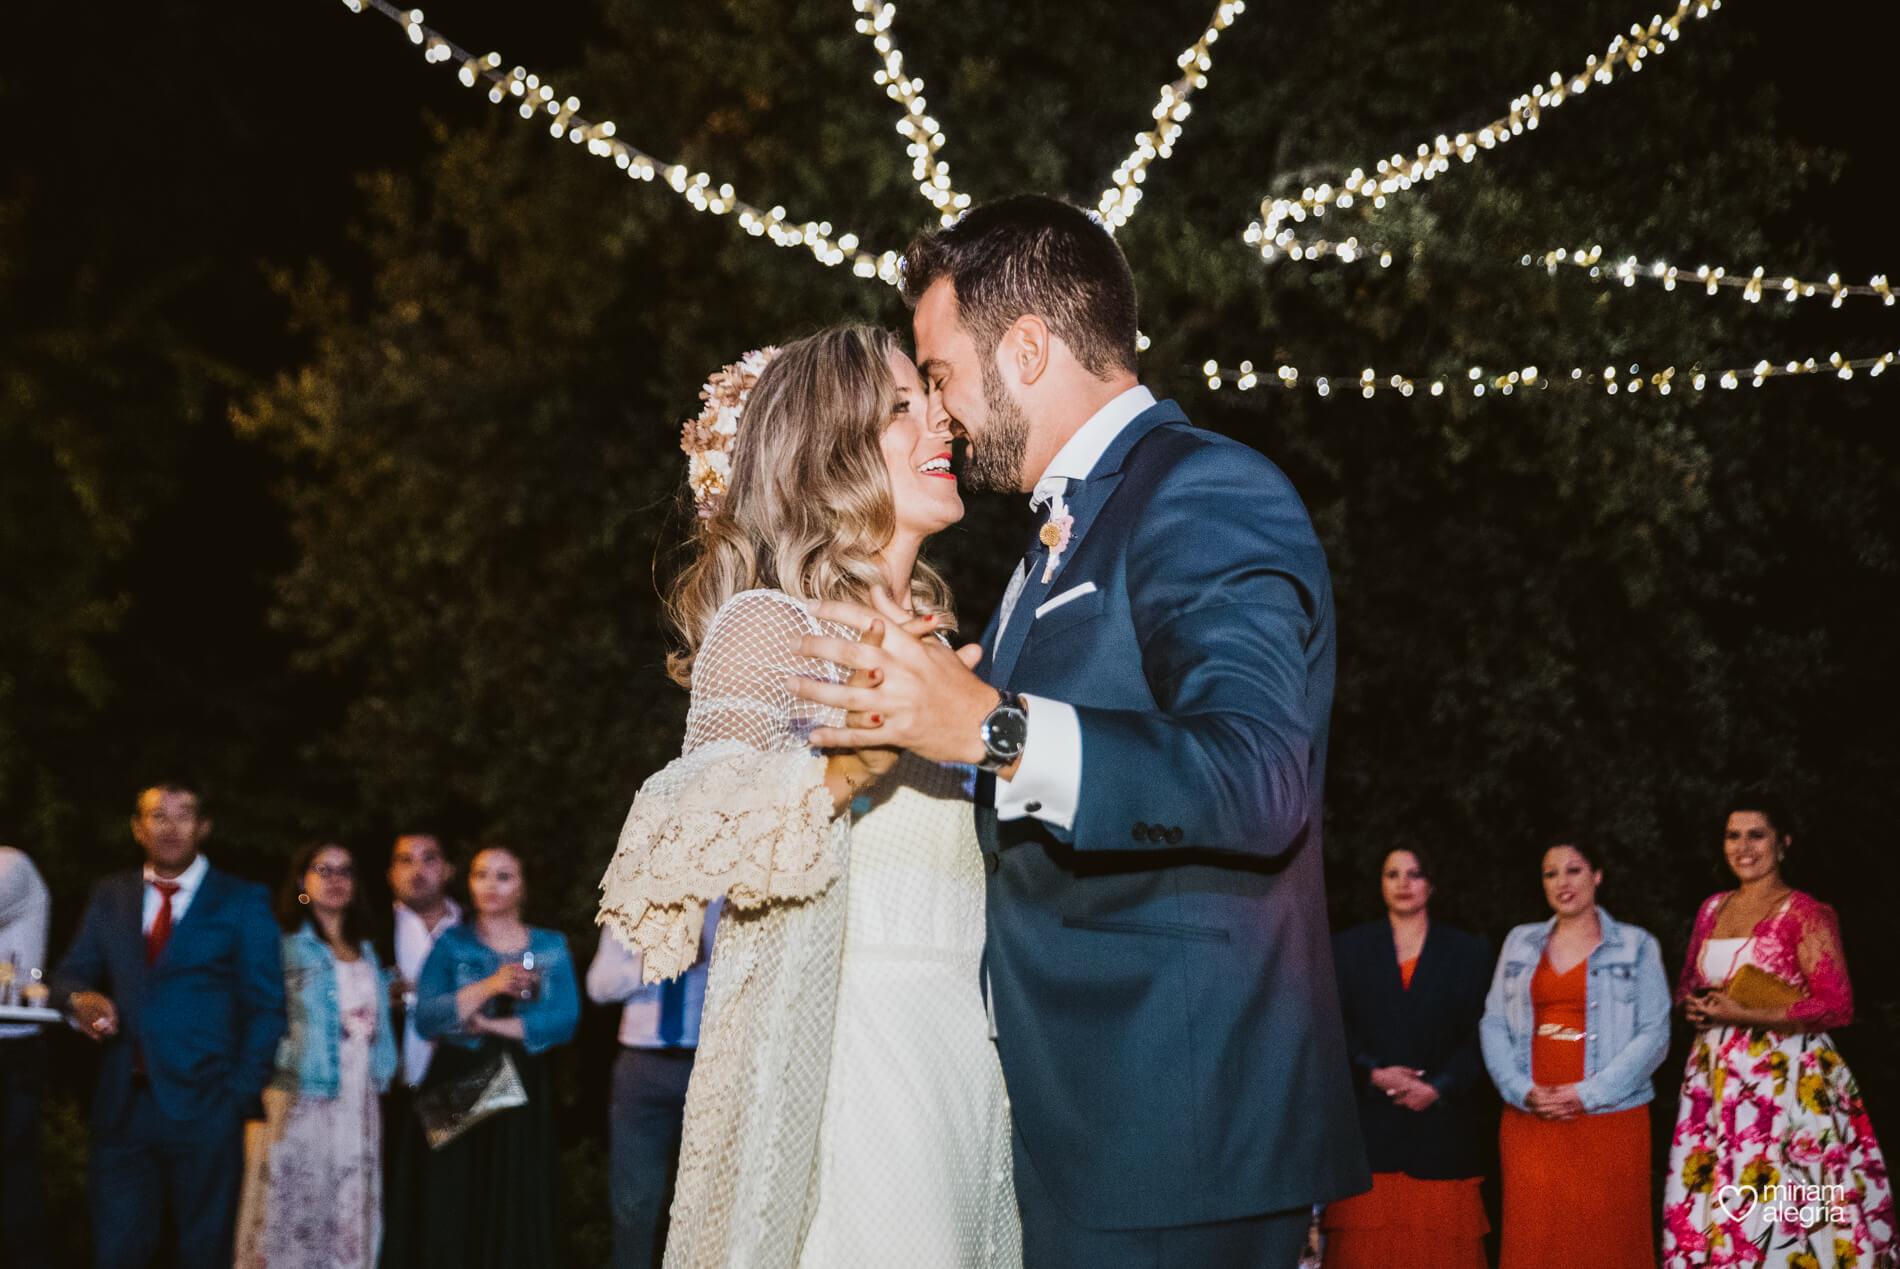 boda-en-collados-miriam-alegria-cayetana-ferrer-117